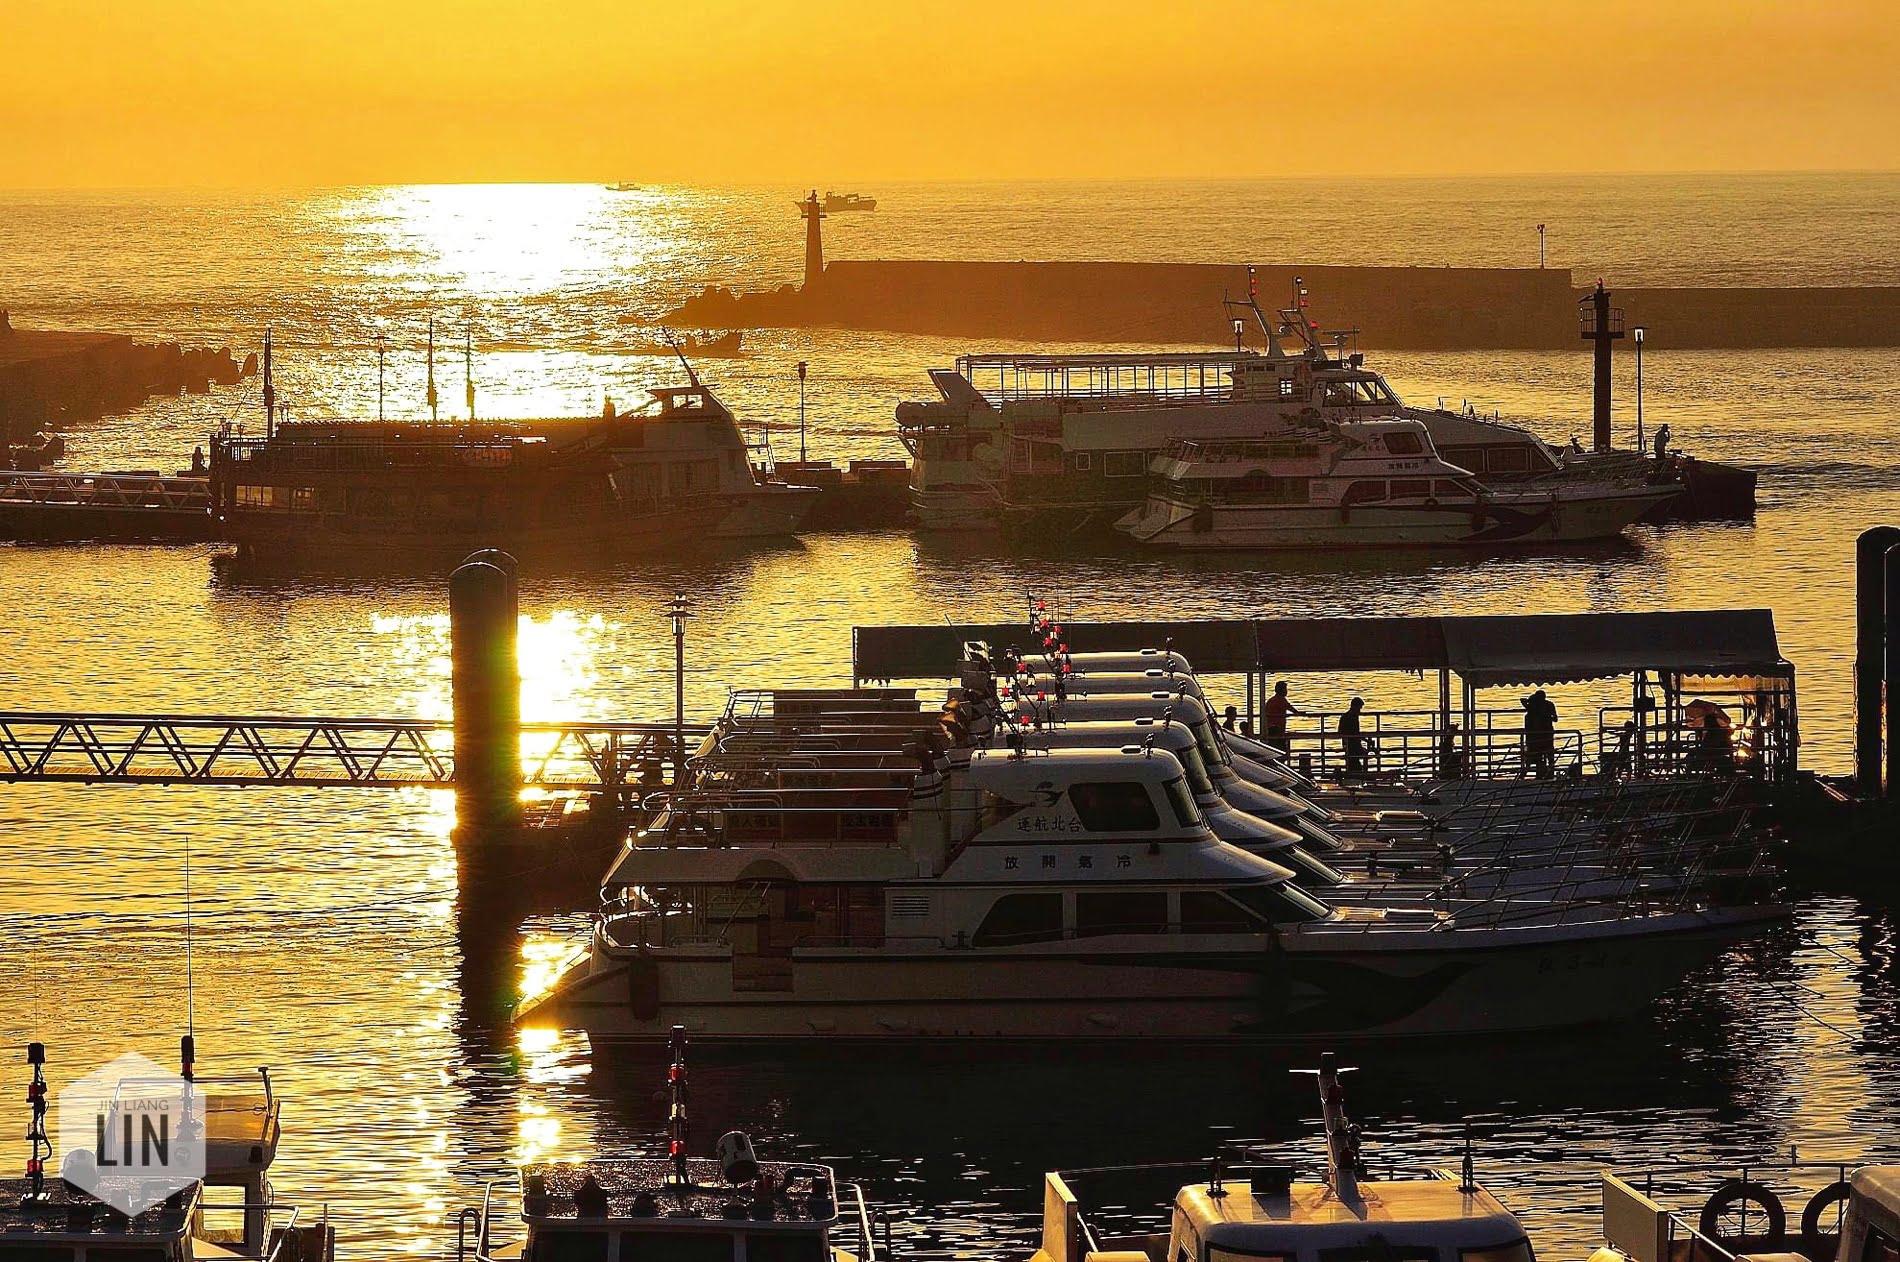 黃金夕陽丨淡水漁人碼頭金色水岸